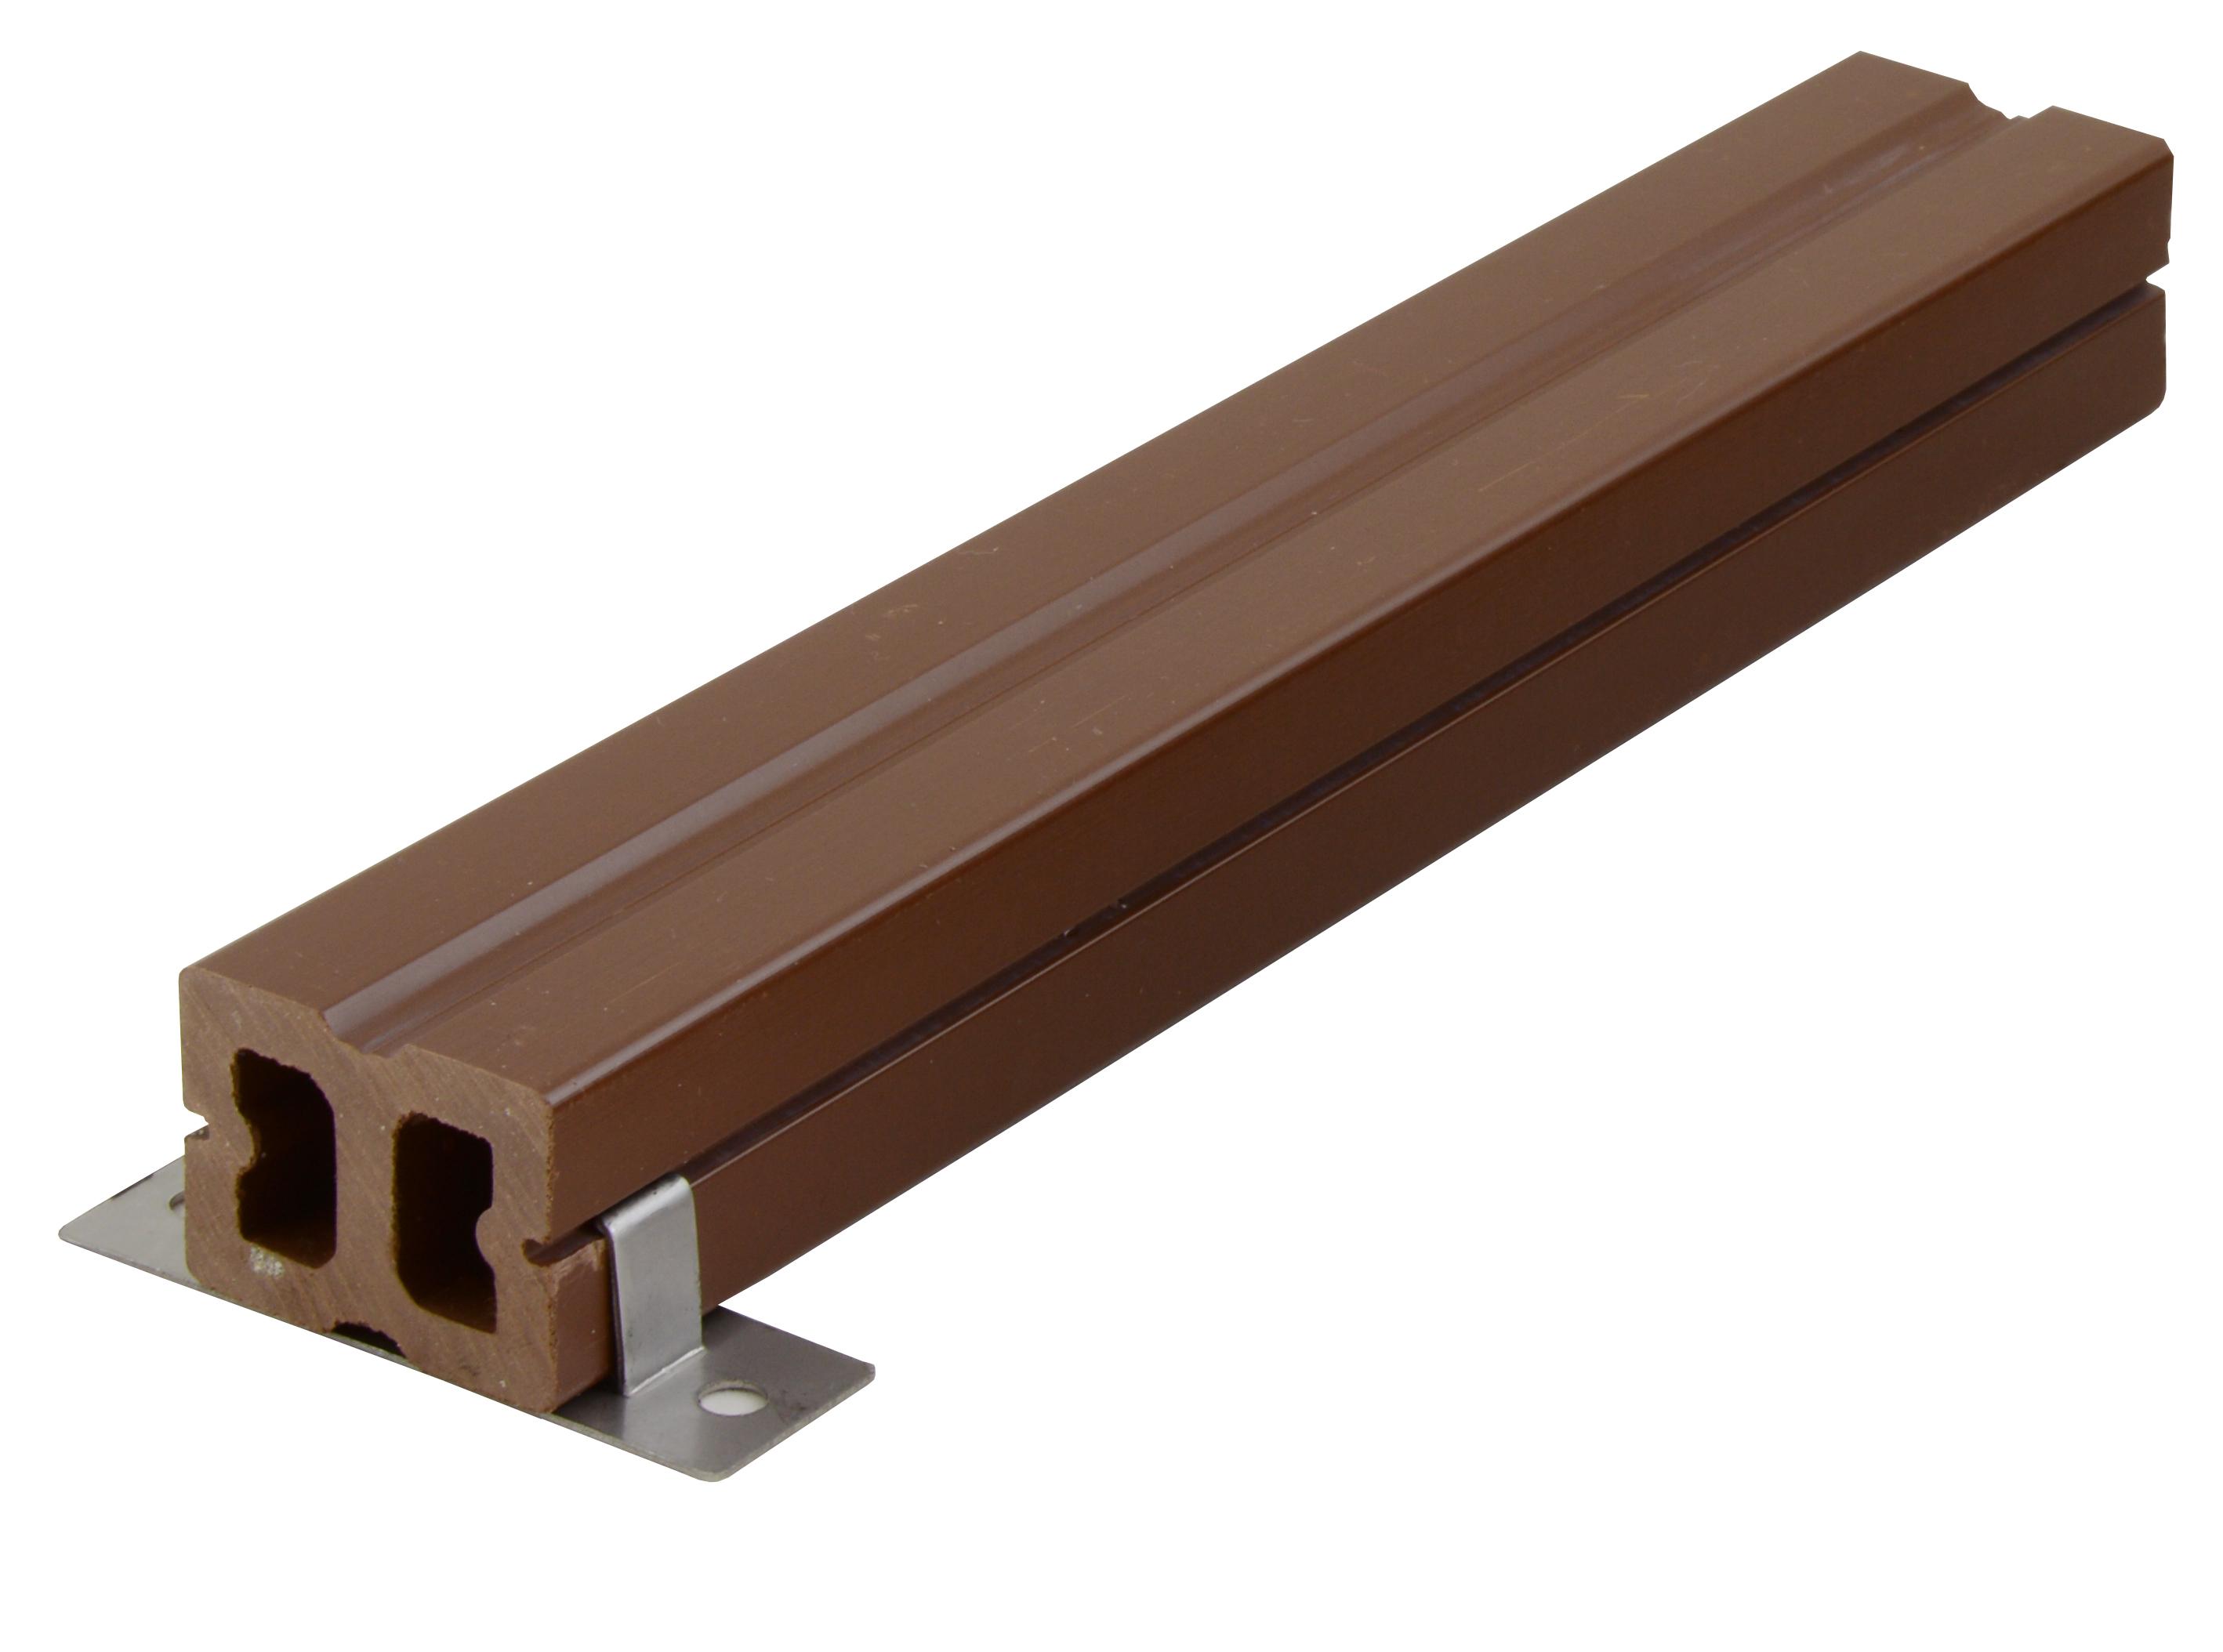 Nosník terasových prken G21 4*3*300cm, mat. WPC - suprshop.cz